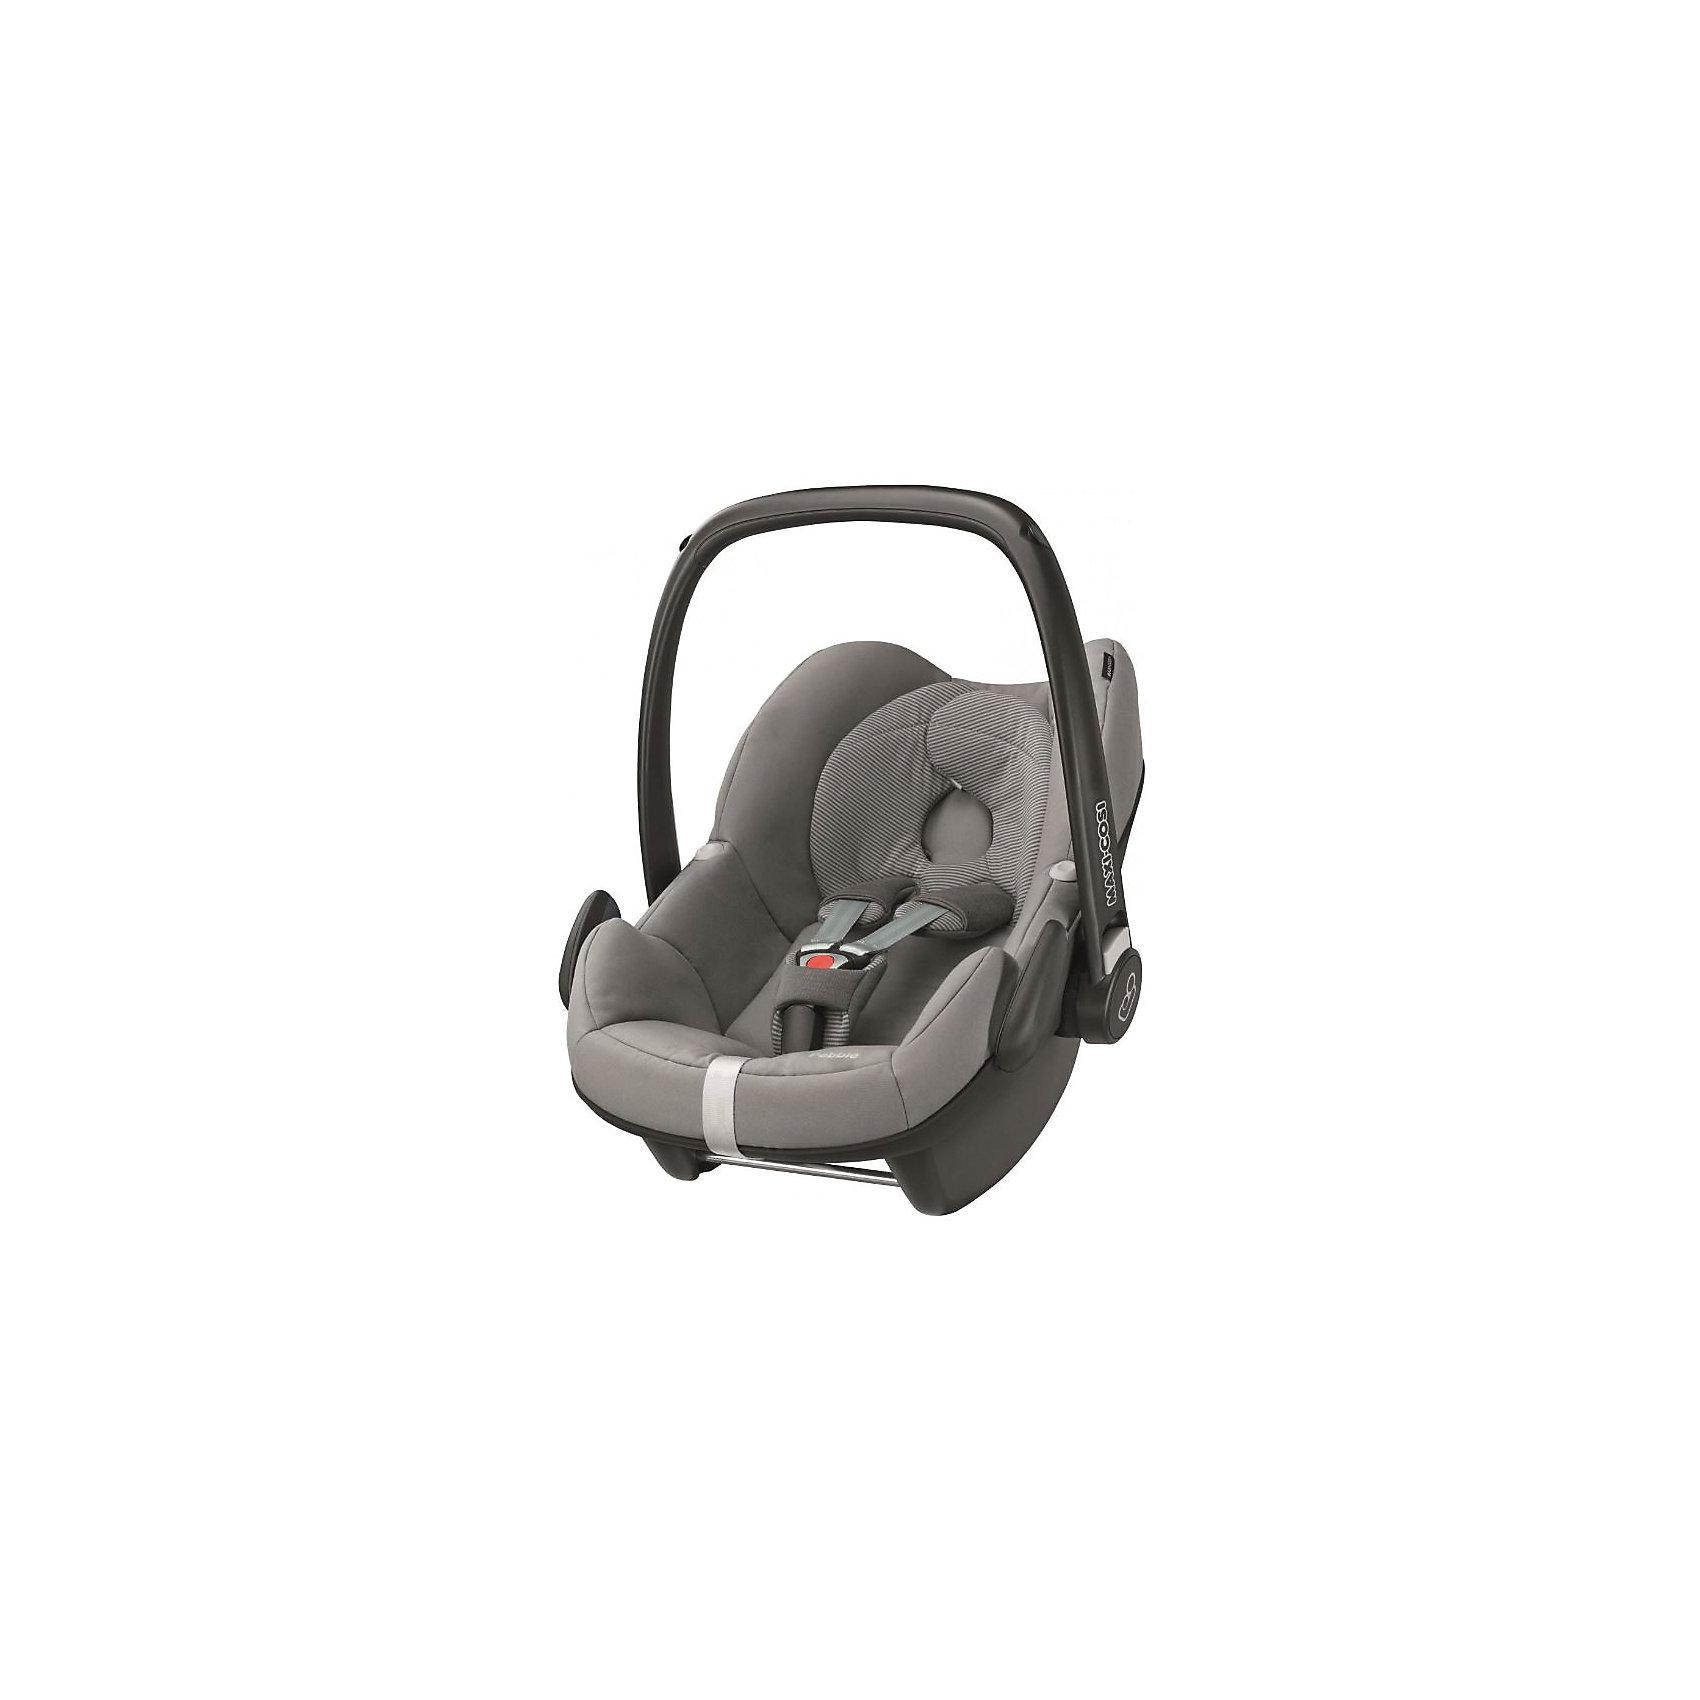 Автокресло Maxi-Cosi Pebble 0-13 кг, Concrete GreyГруппа 0+ (До 13 кг)<br>Прекрасное кресло для самых маленьких деток! Автокресло прекрасно подойдет для малышей от 0 до 15 месяцев. Кресло крепиться штатными ремнями безопасности против хода движения, так же кресло имеет специальную ногу-опору, которая не дает ему перевернуться. Внутри сидения есть регулируемые трех точечные ремни безопасности, а еще есть дополнительная подушечка, которая размещается под головой и спинкой ребенка.<br><br>Дополнительная информация:<br><br>- Возраст: с рождения до 15 месяцев. ( от 0 до 13 кг.)<br>- Цвет: Concrete Grey.<br>- Размер: 73x46x52 см. <br>- Общий вес: 4 кг.<br><br>Купить автокресло Pebble (0-13 кг.) в цвете Concrete Grey, можно в нашем магазине.<br><br>Ширина мм: 445<br>Глубина мм: 375<br>Высота мм: 725<br>Вес г: 3300<br>Возраст от месяцев: 0<br>Возраст до месяцев: 12<br>Пол: Унисекс<br>Возраст: Детский<br>SKU: 4790756